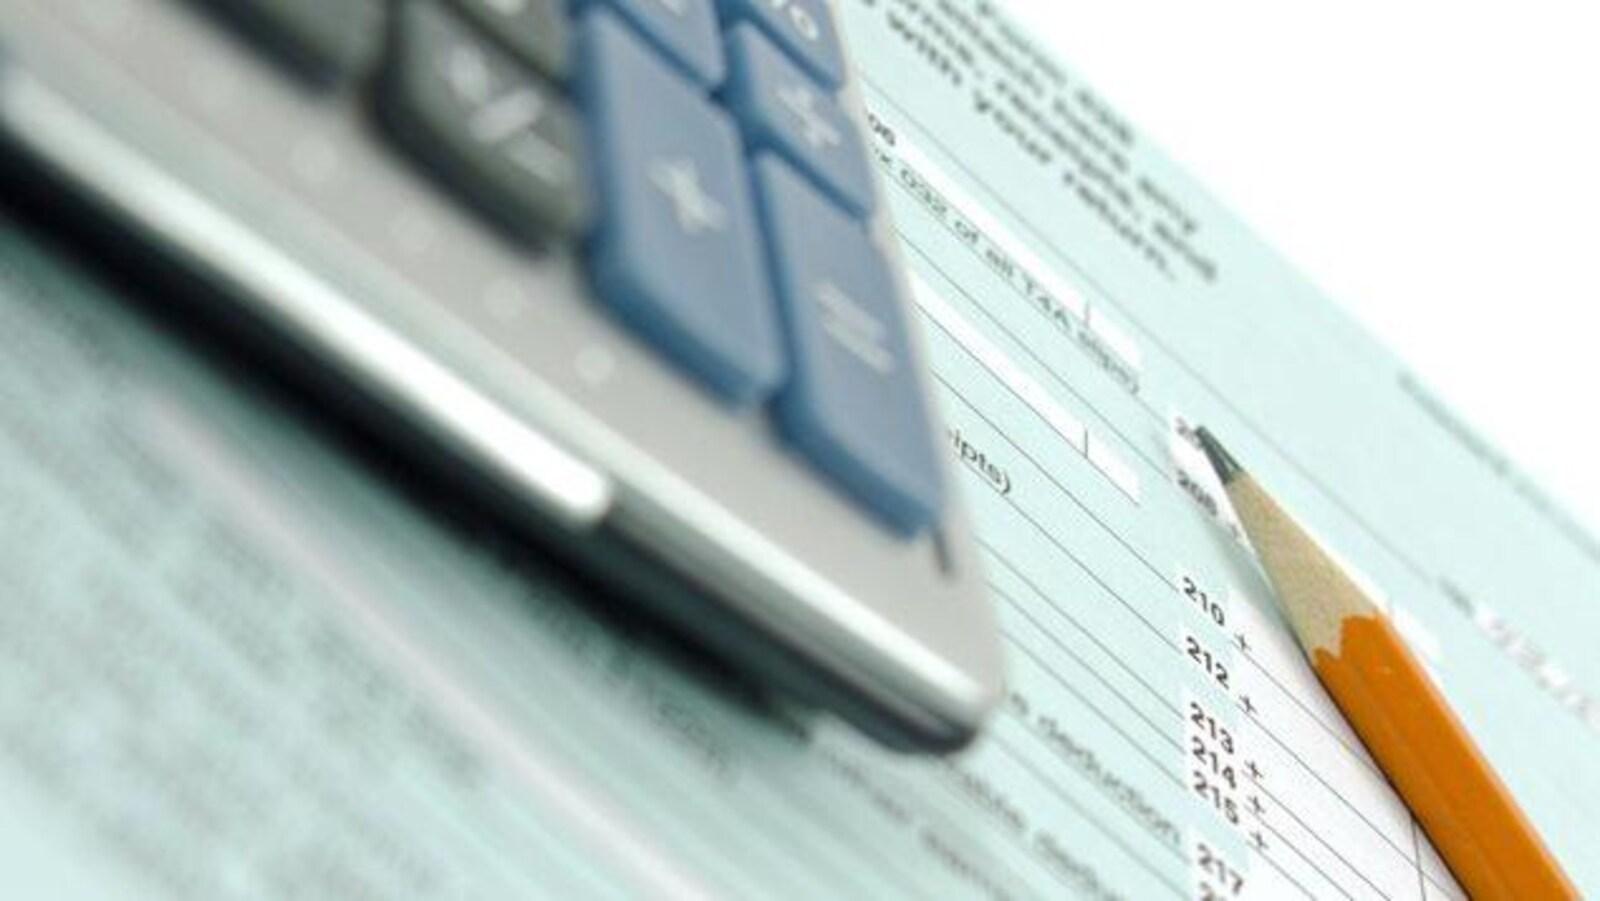 Une déclaration de revenus, une calculatrice et un crayon.